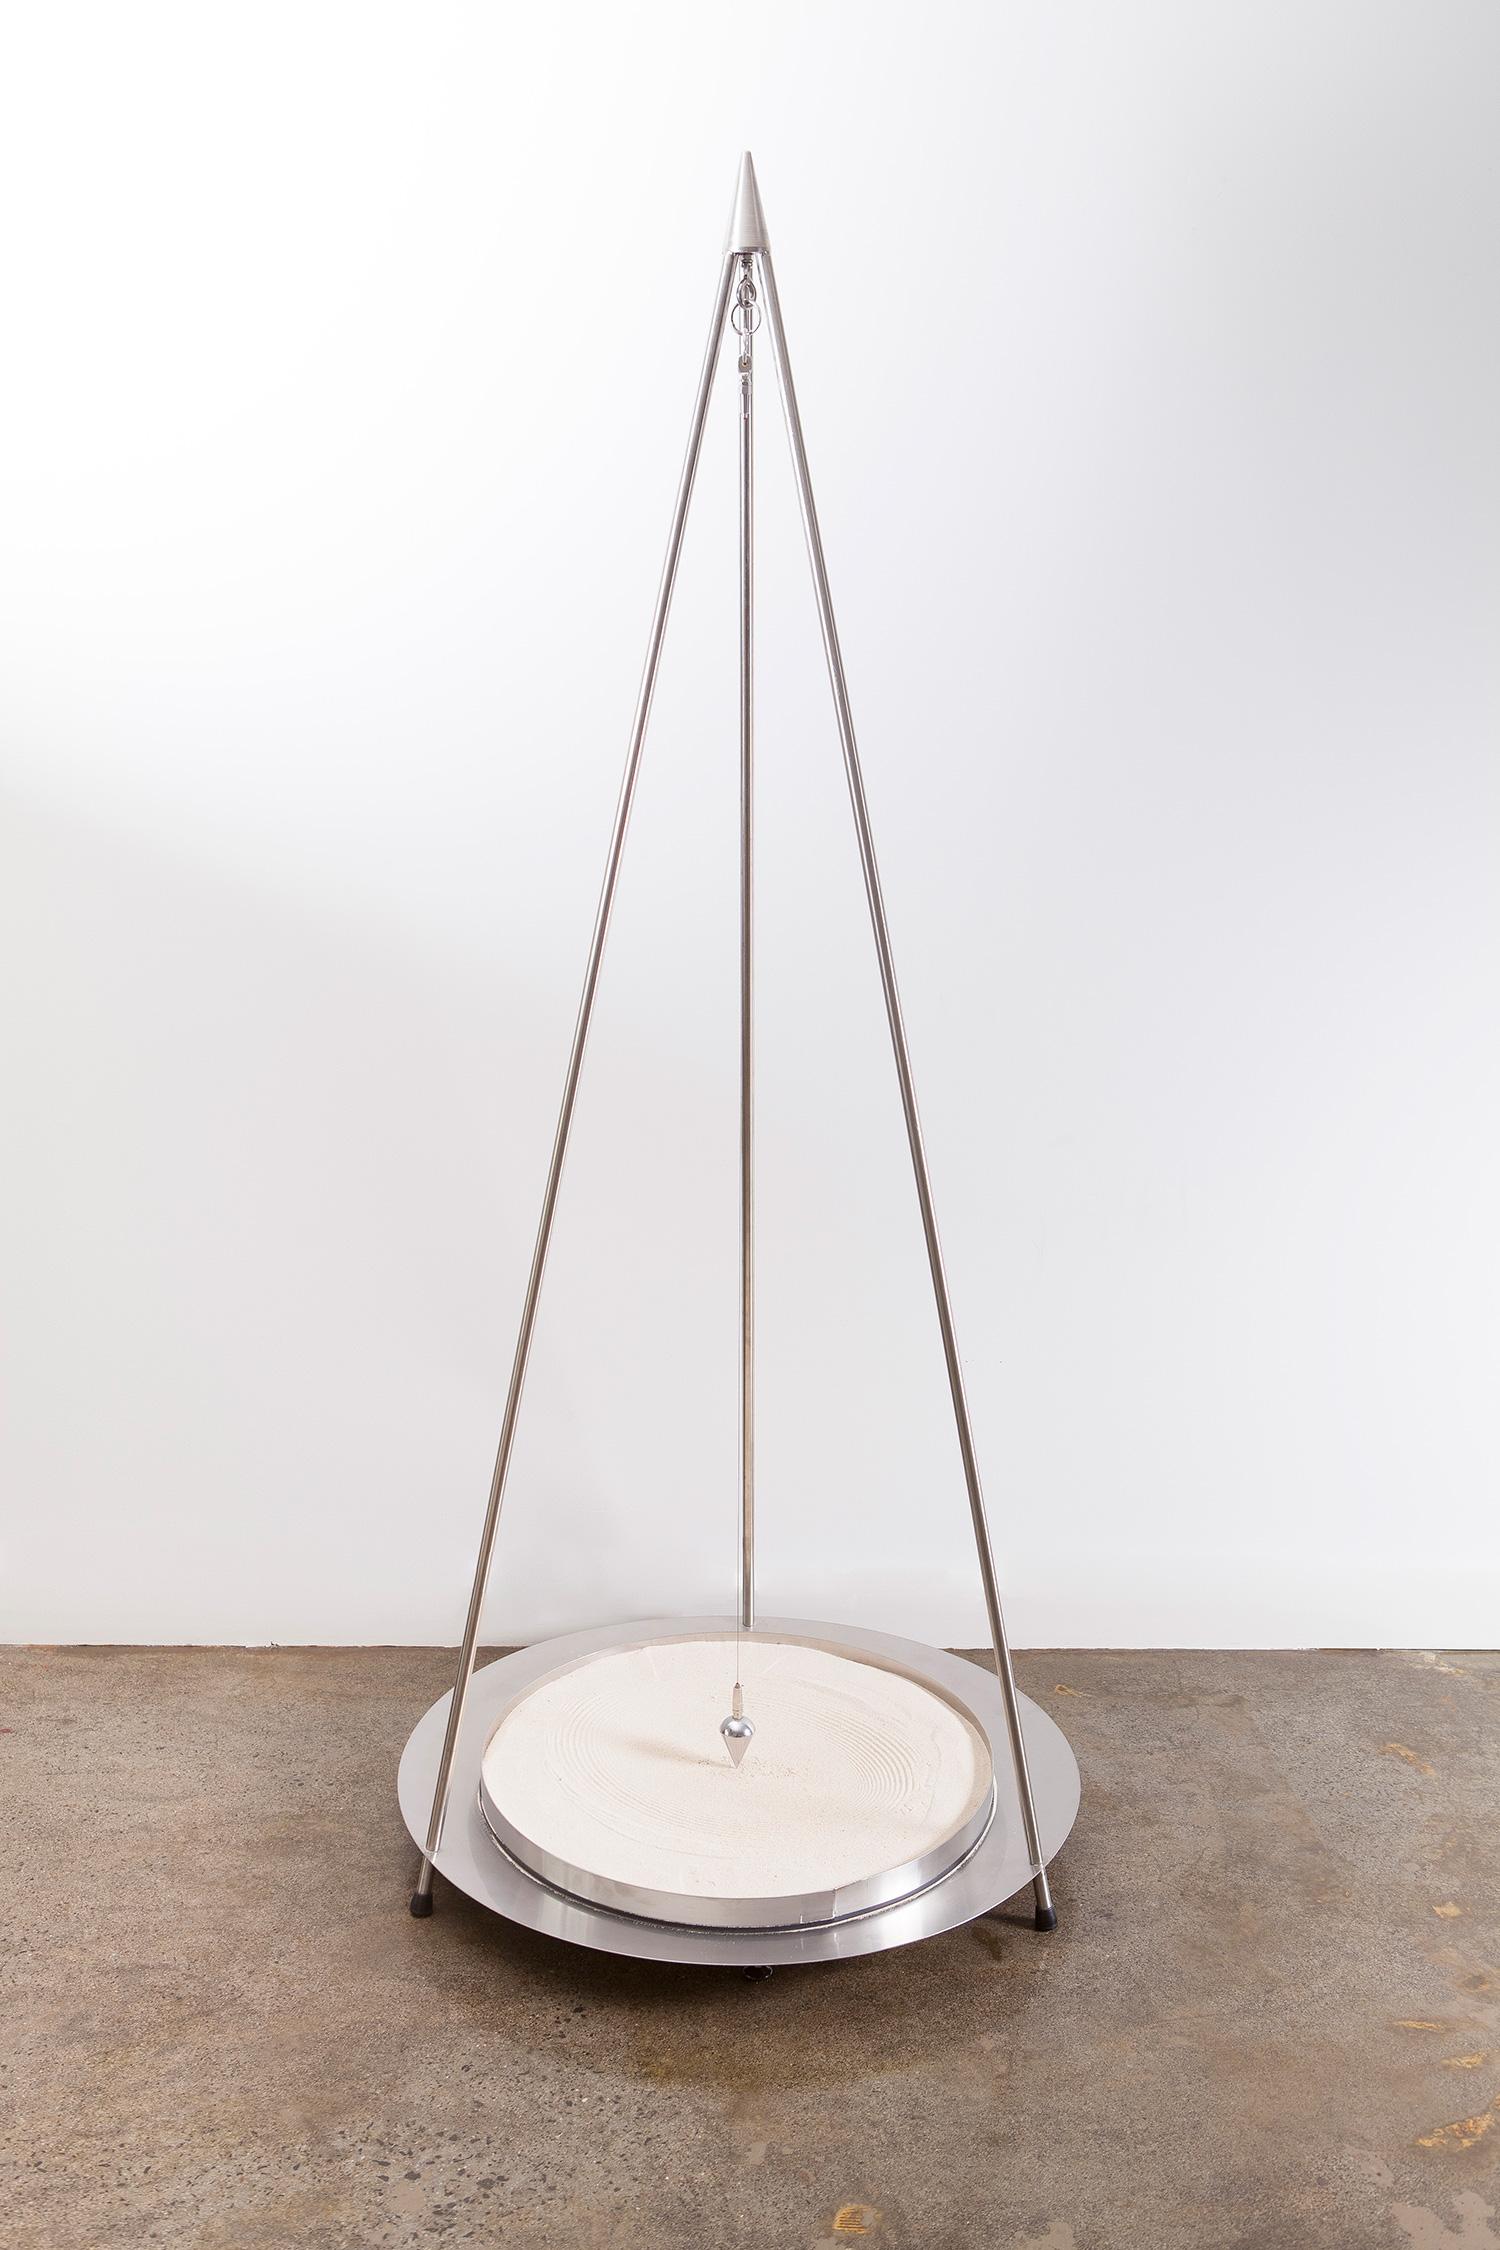 Zen Sand Pendulum